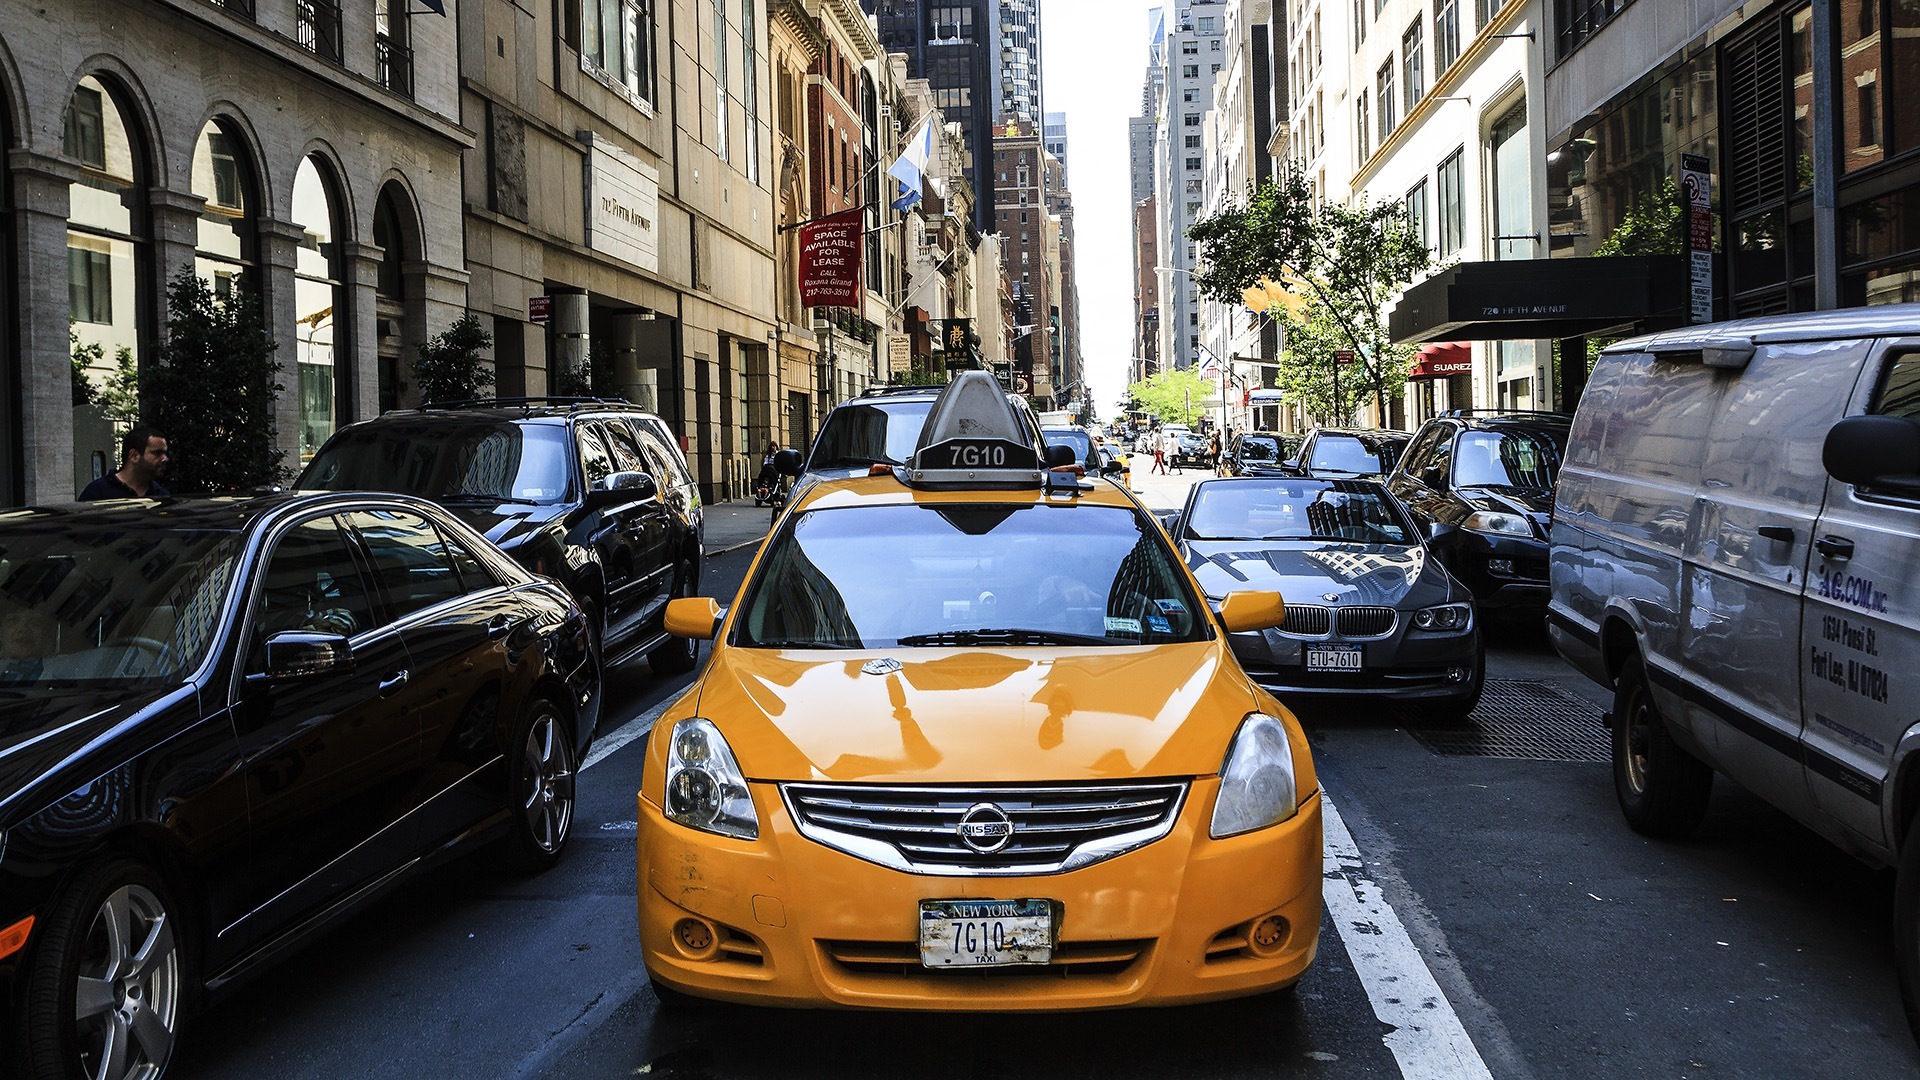 táxi, Nova Iorque, Cidade, Apple, América - Papéis de parede HD - Professor-falken.com